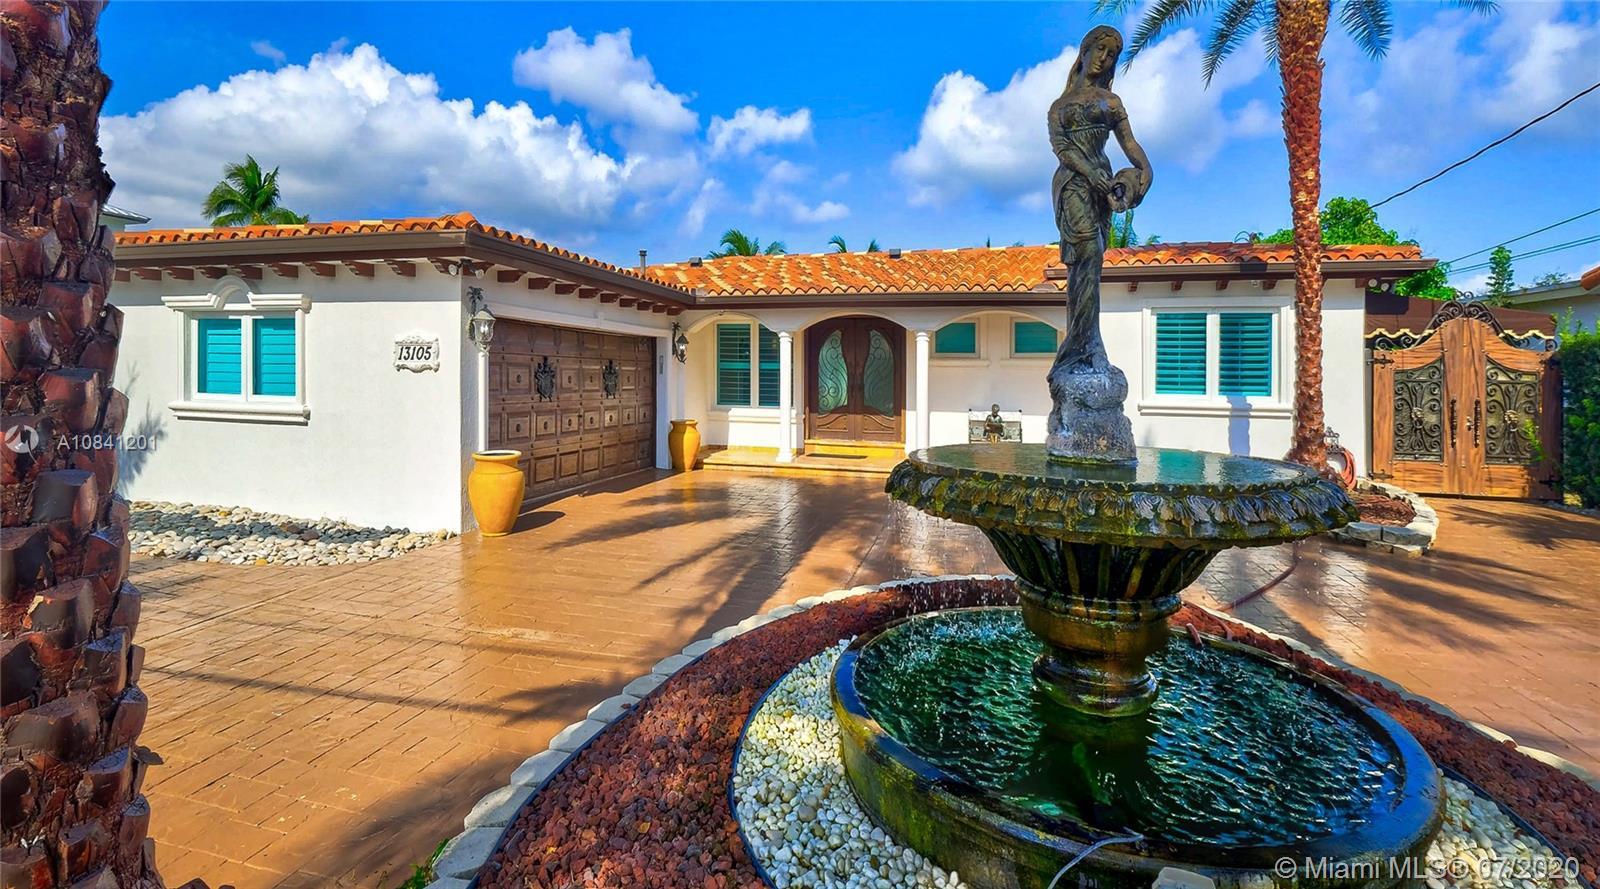 North Miami Beach - 13105 Coronado Ter, North Miami, FL 33181